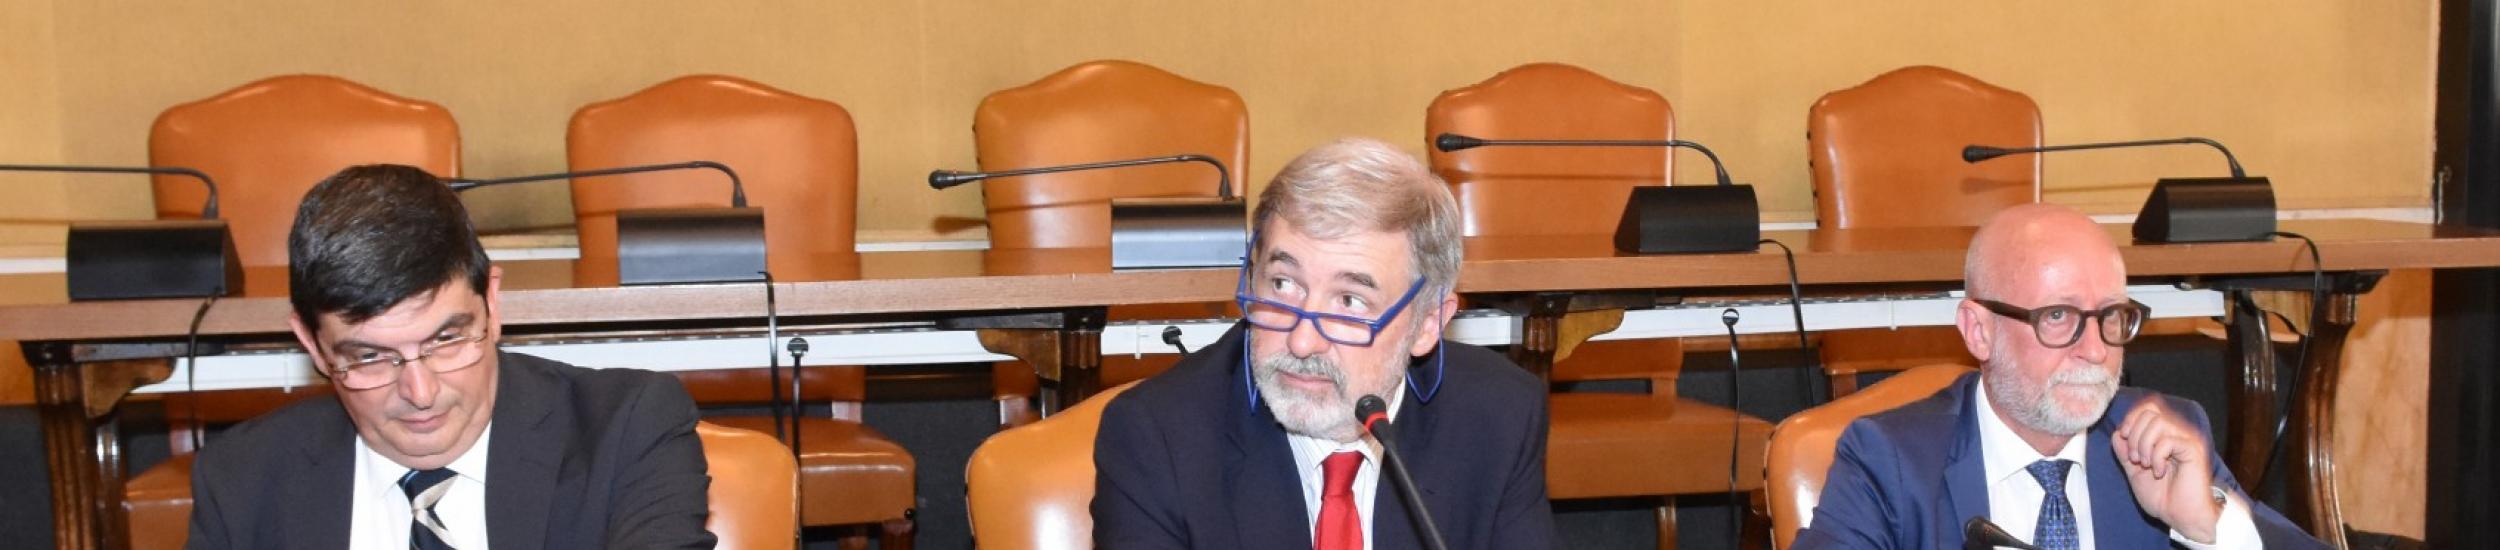 """Marco bucci esordisce in consiglio metropolitano: """"priorità rifiuti"""" (video di tabloid)"""